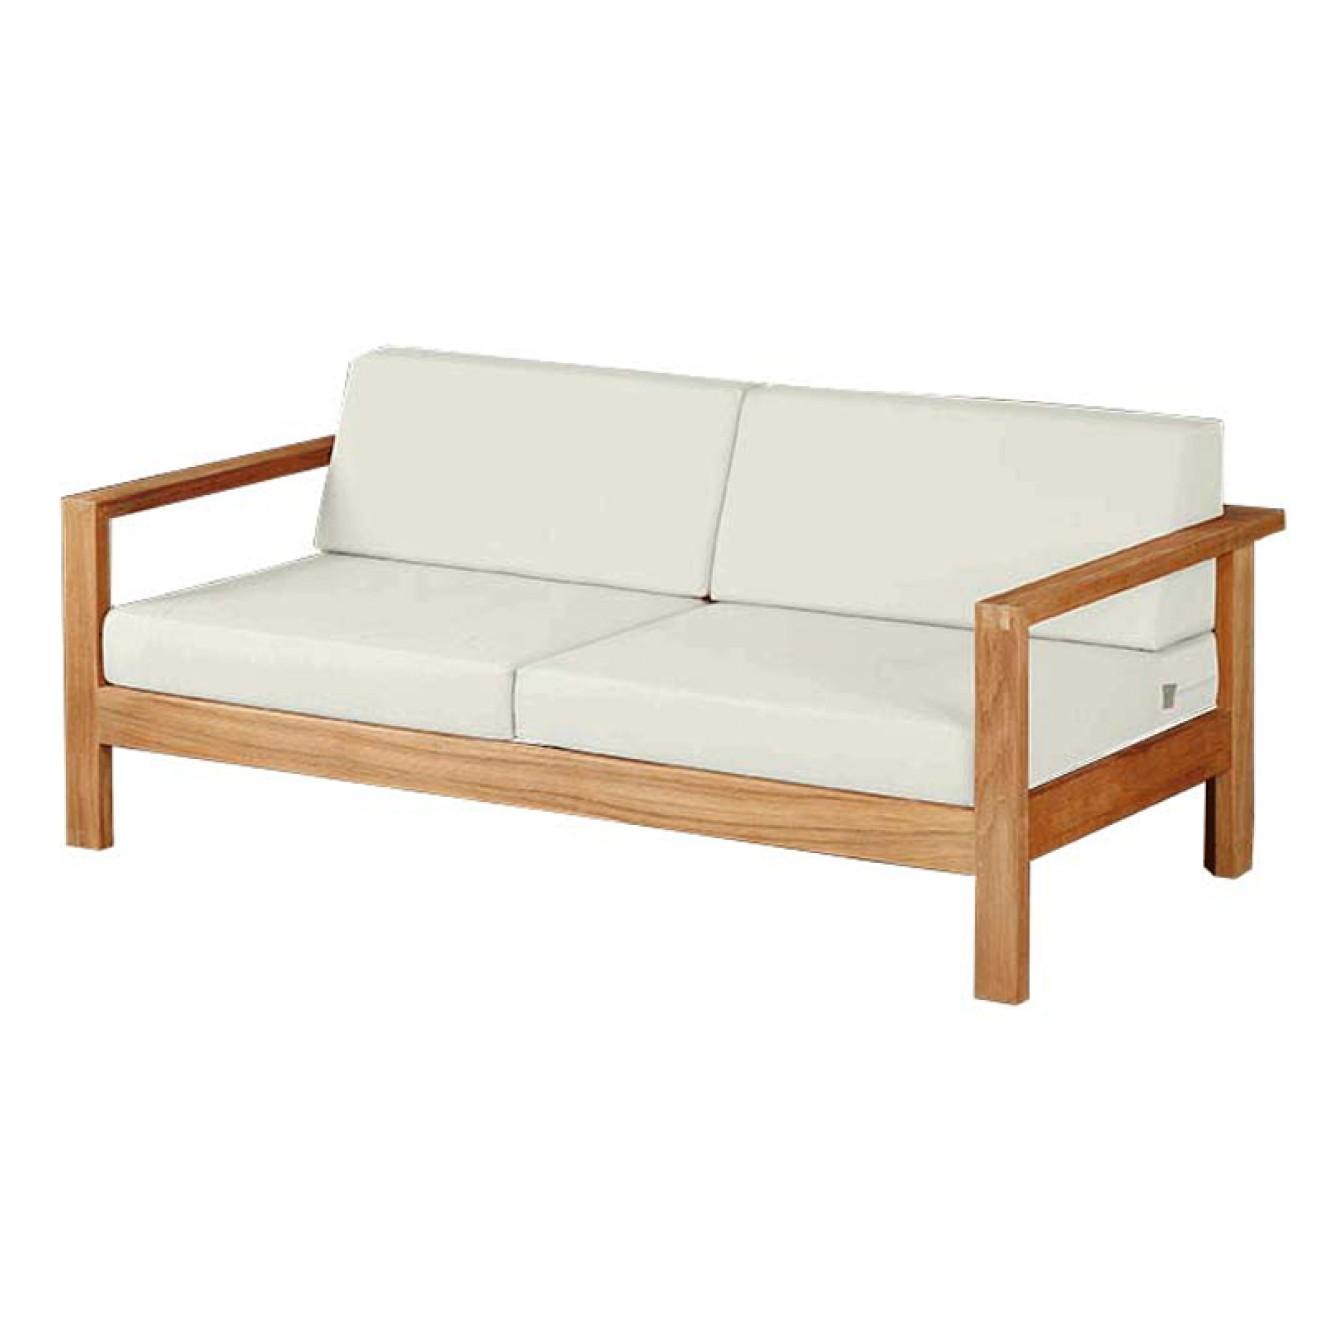 Amüsant Zweisitzer Sofa Galerie Von Zweisitzer-sofa Linear Deep Seating